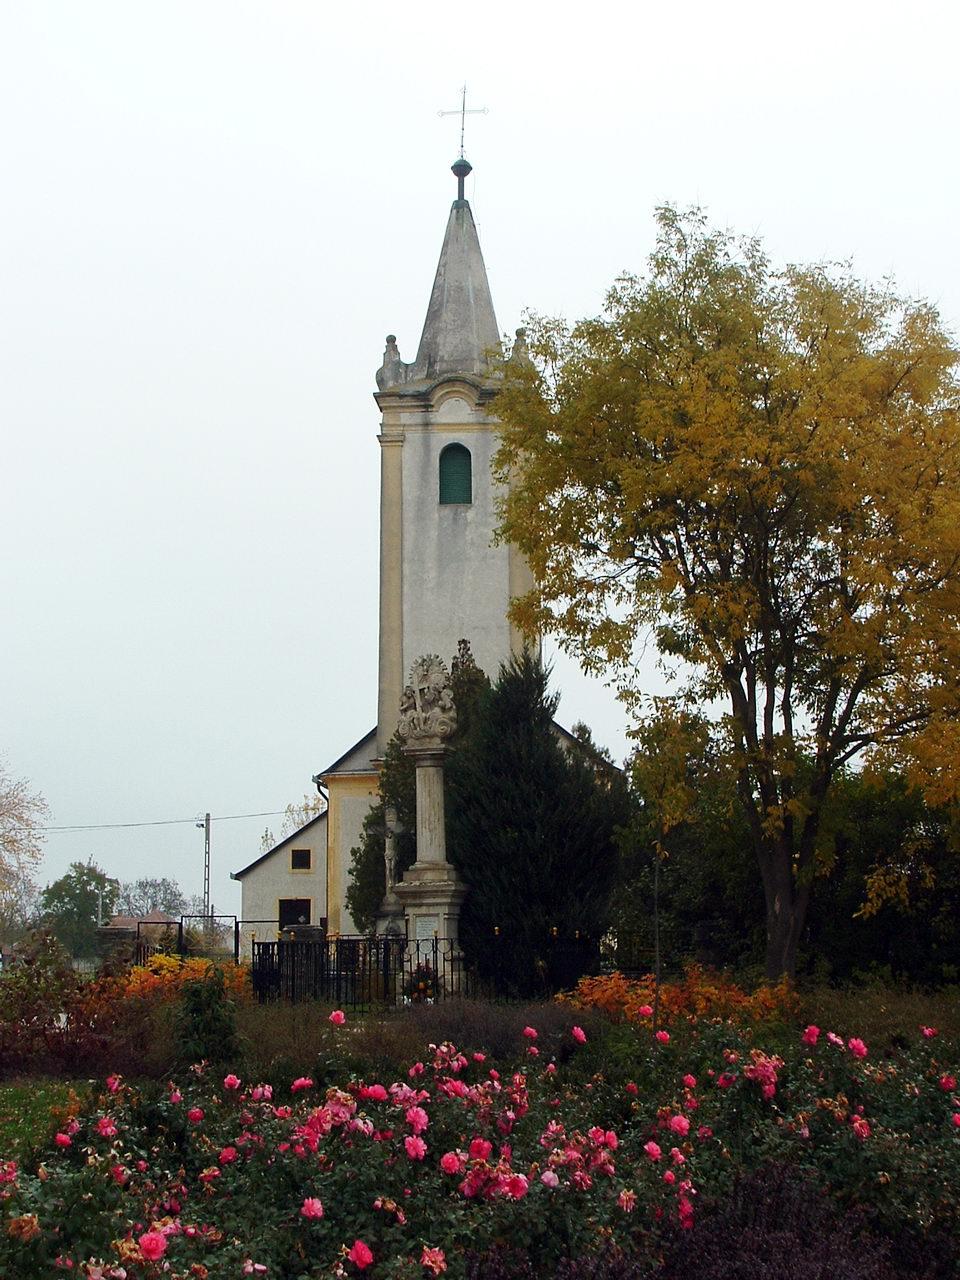 The small catholic church of Bögöt